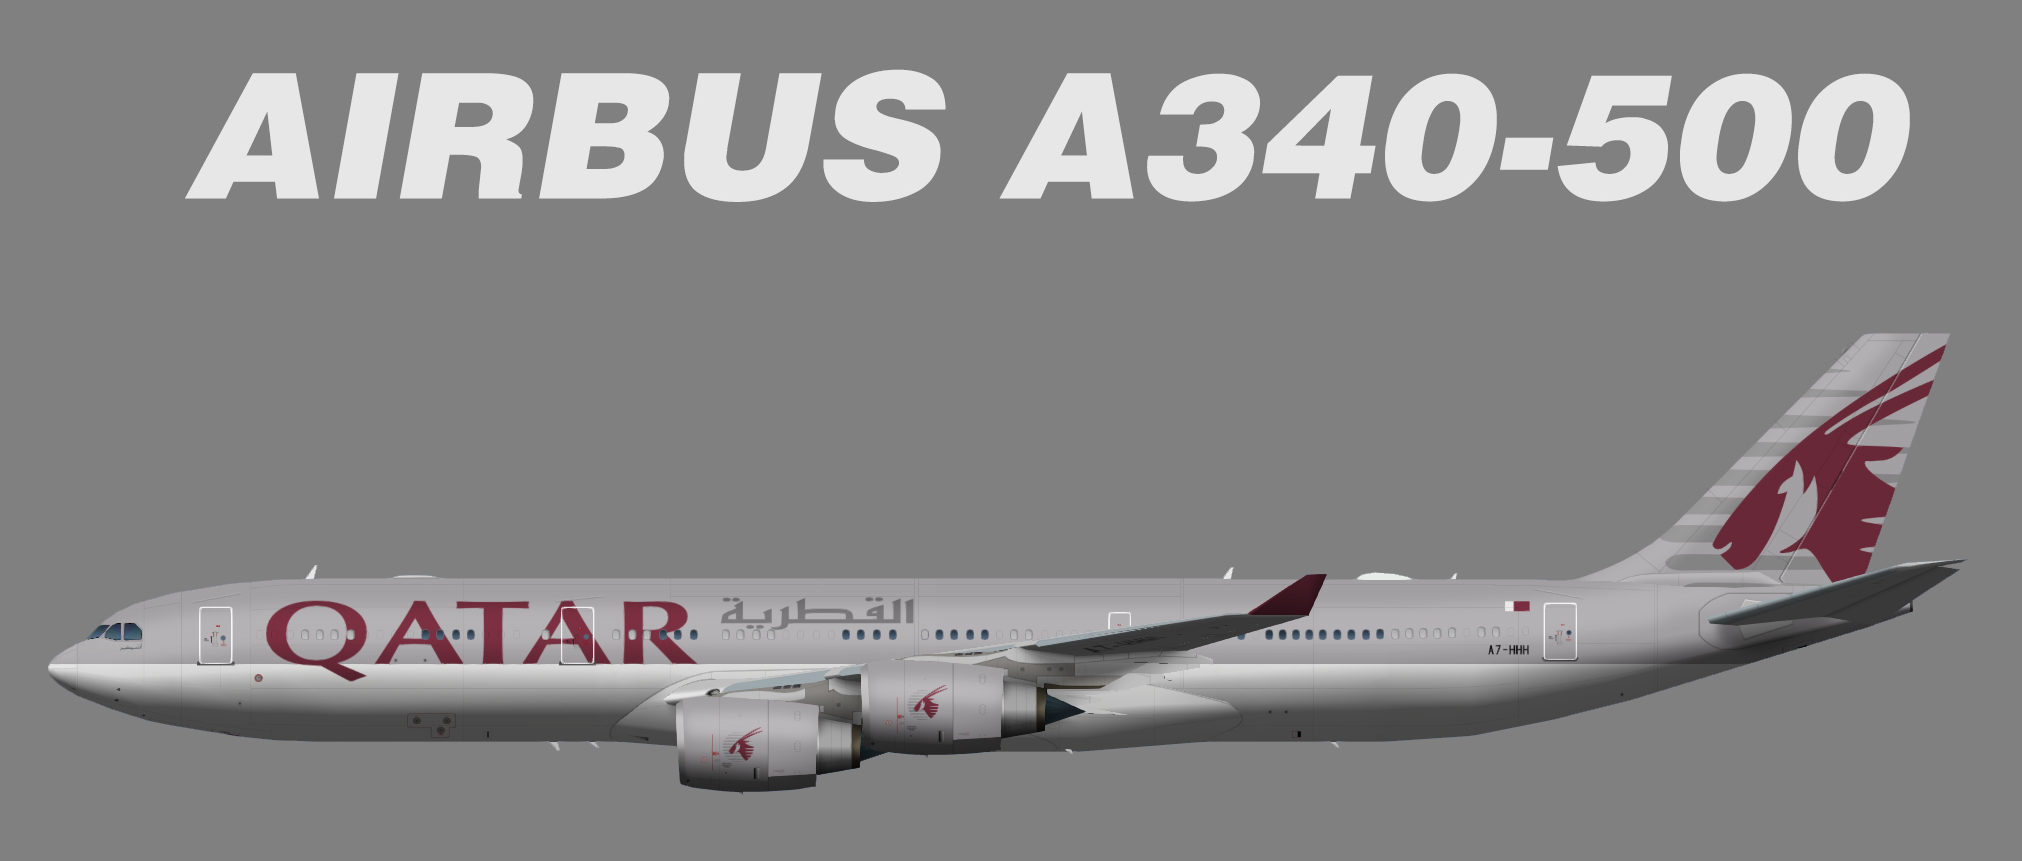 Qatar Amiri Flight Airbus A340-500